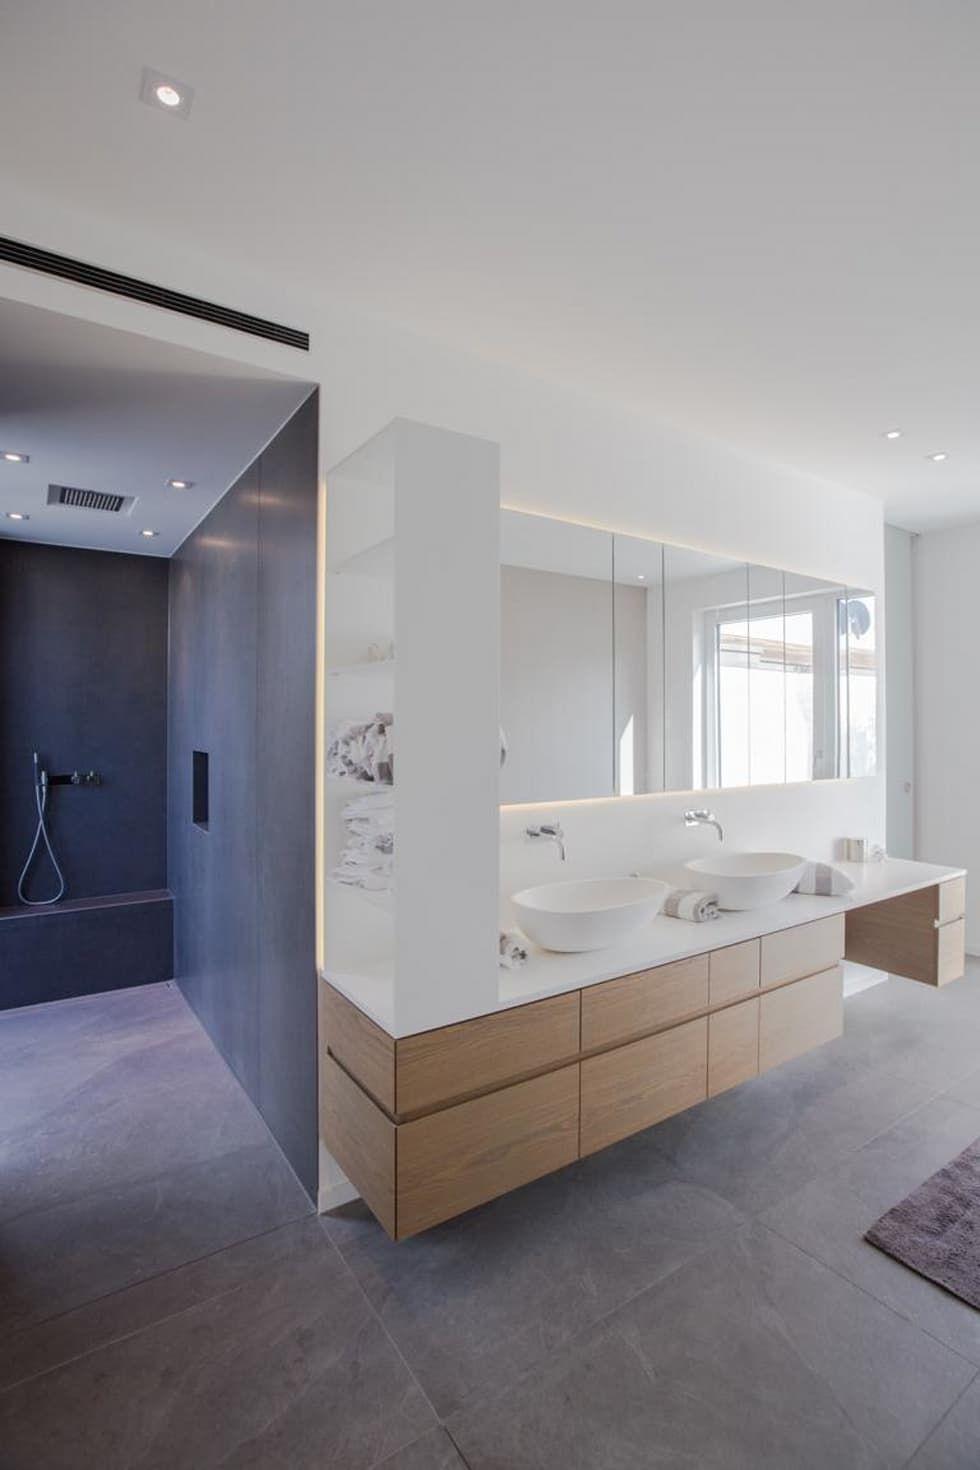 Elternbad Minimalistische Badezimmer Von Bplusarchitektur Minimalistisch Badezimmer Design Badezimmer Und Minimalistisches Badezimmer